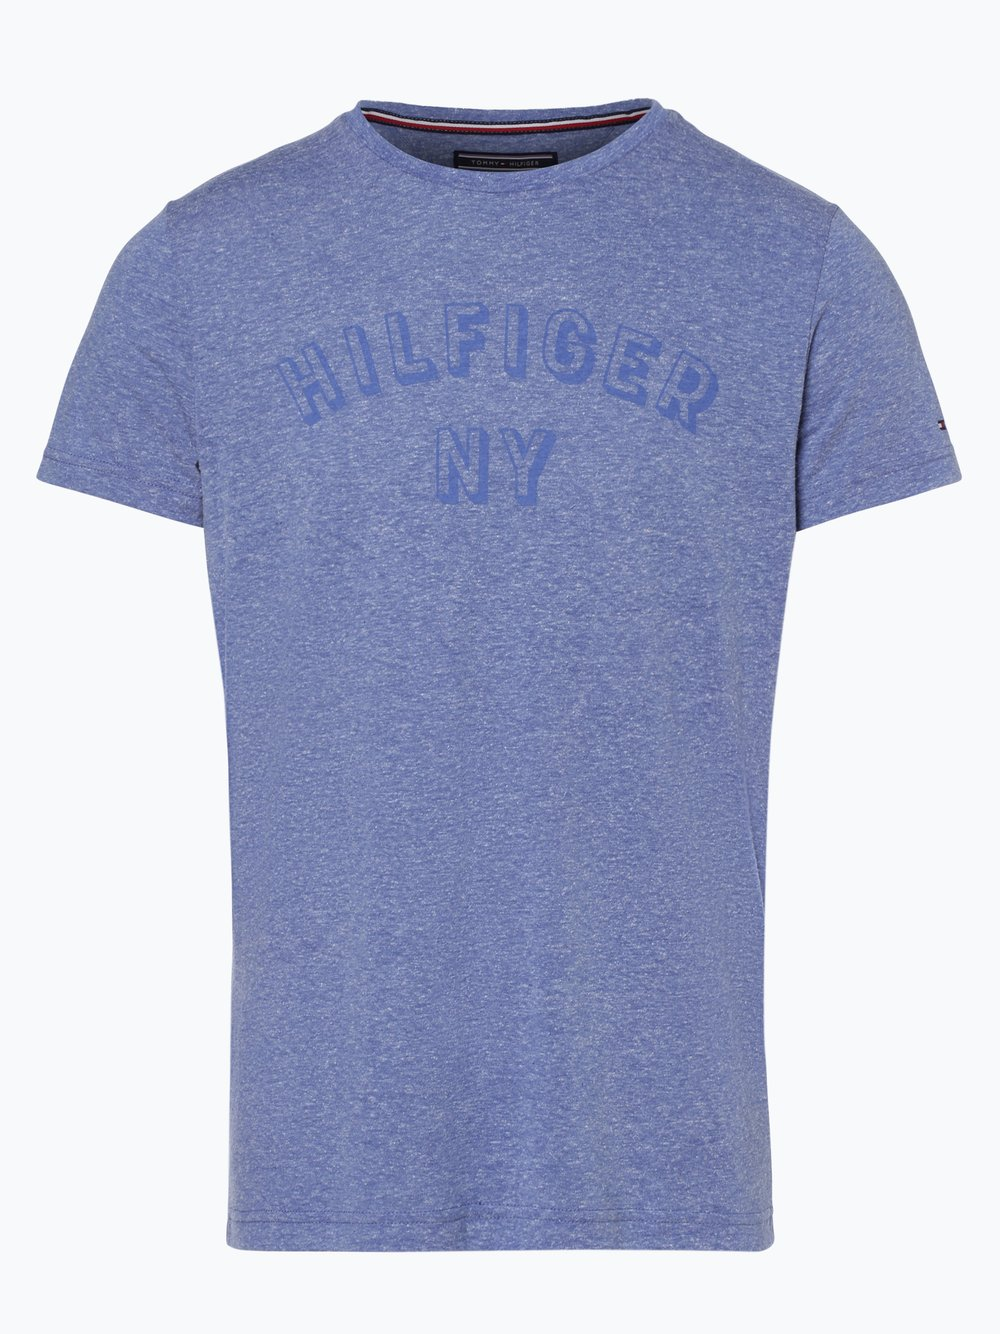 Tommy Hilfiger Herren T-Shirt blau gemustert online kaufen   PEEK ... 02a67ffceb